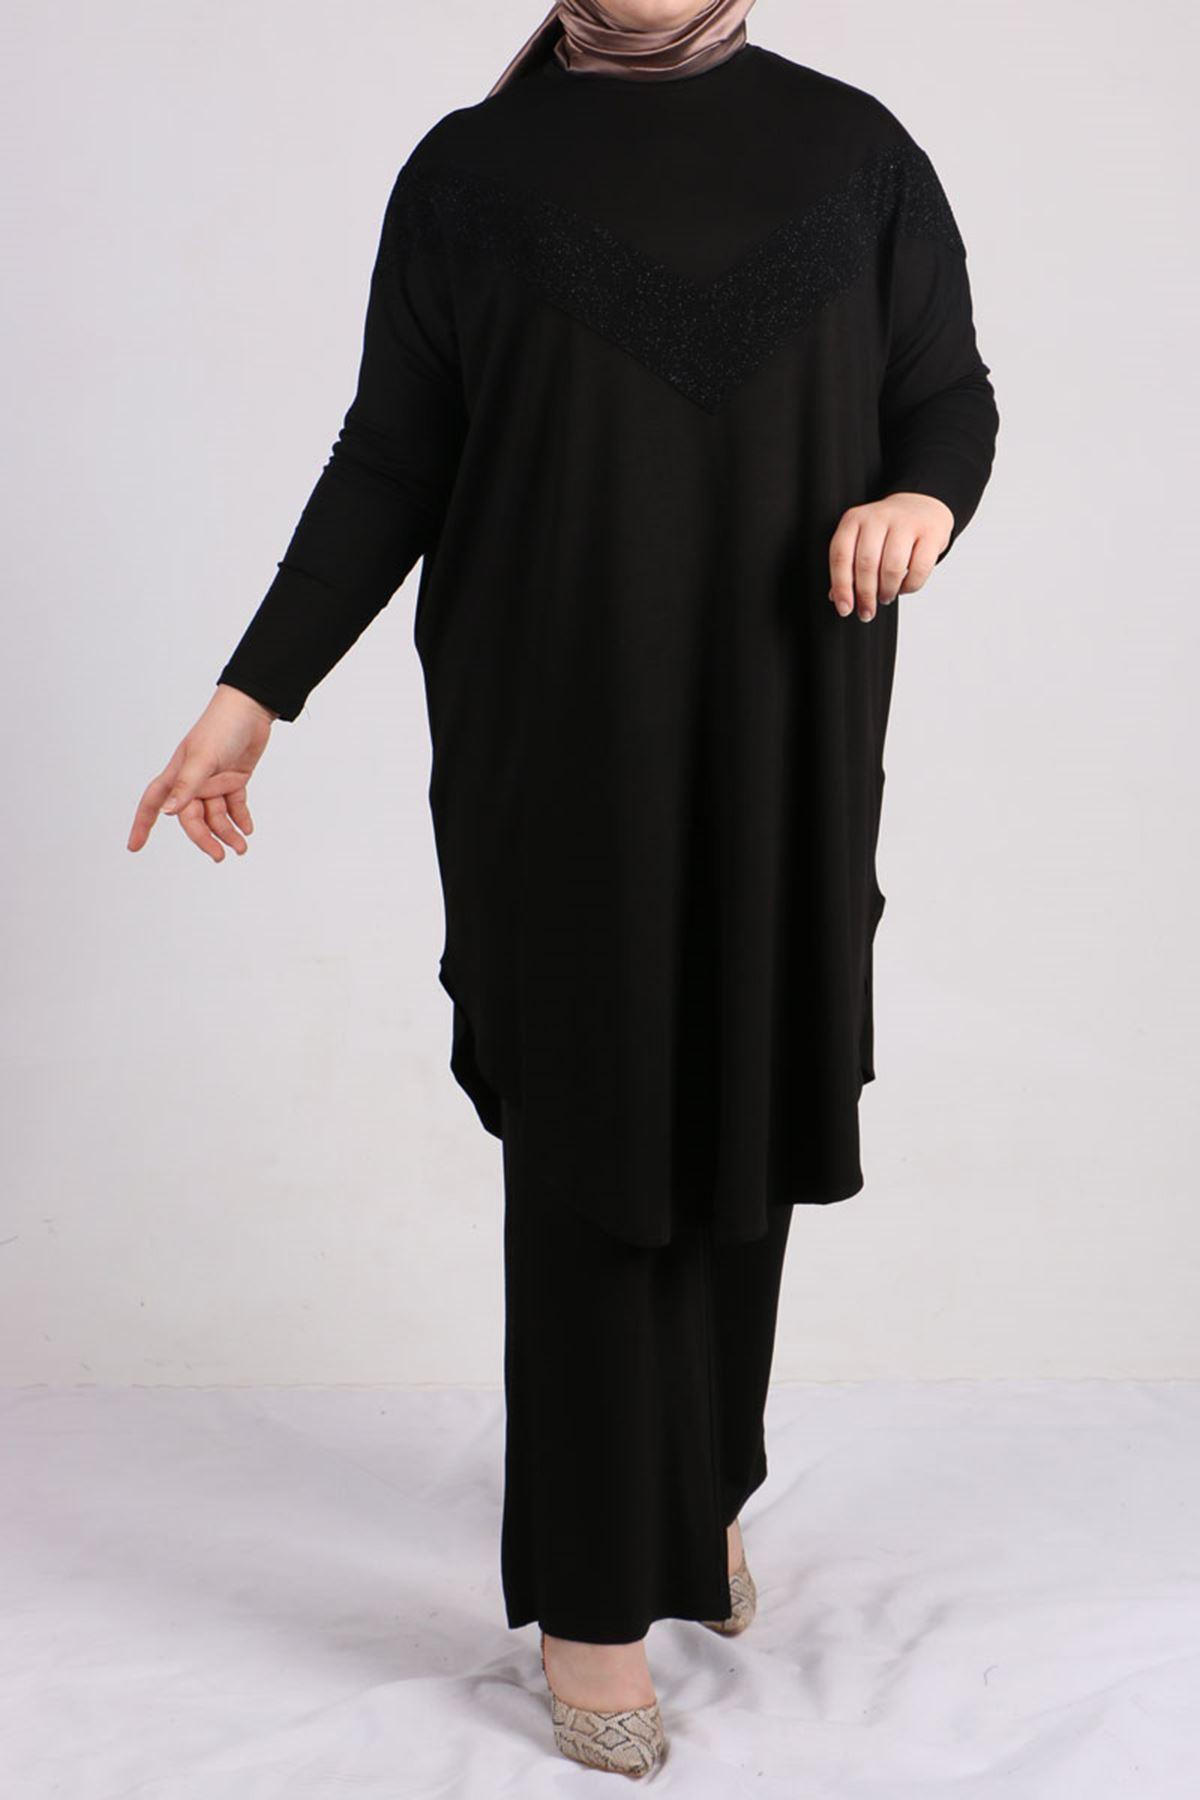 7697 Büyük Beden Fukuro Detaylı Penye Pantolonlu  Takım - Siyah